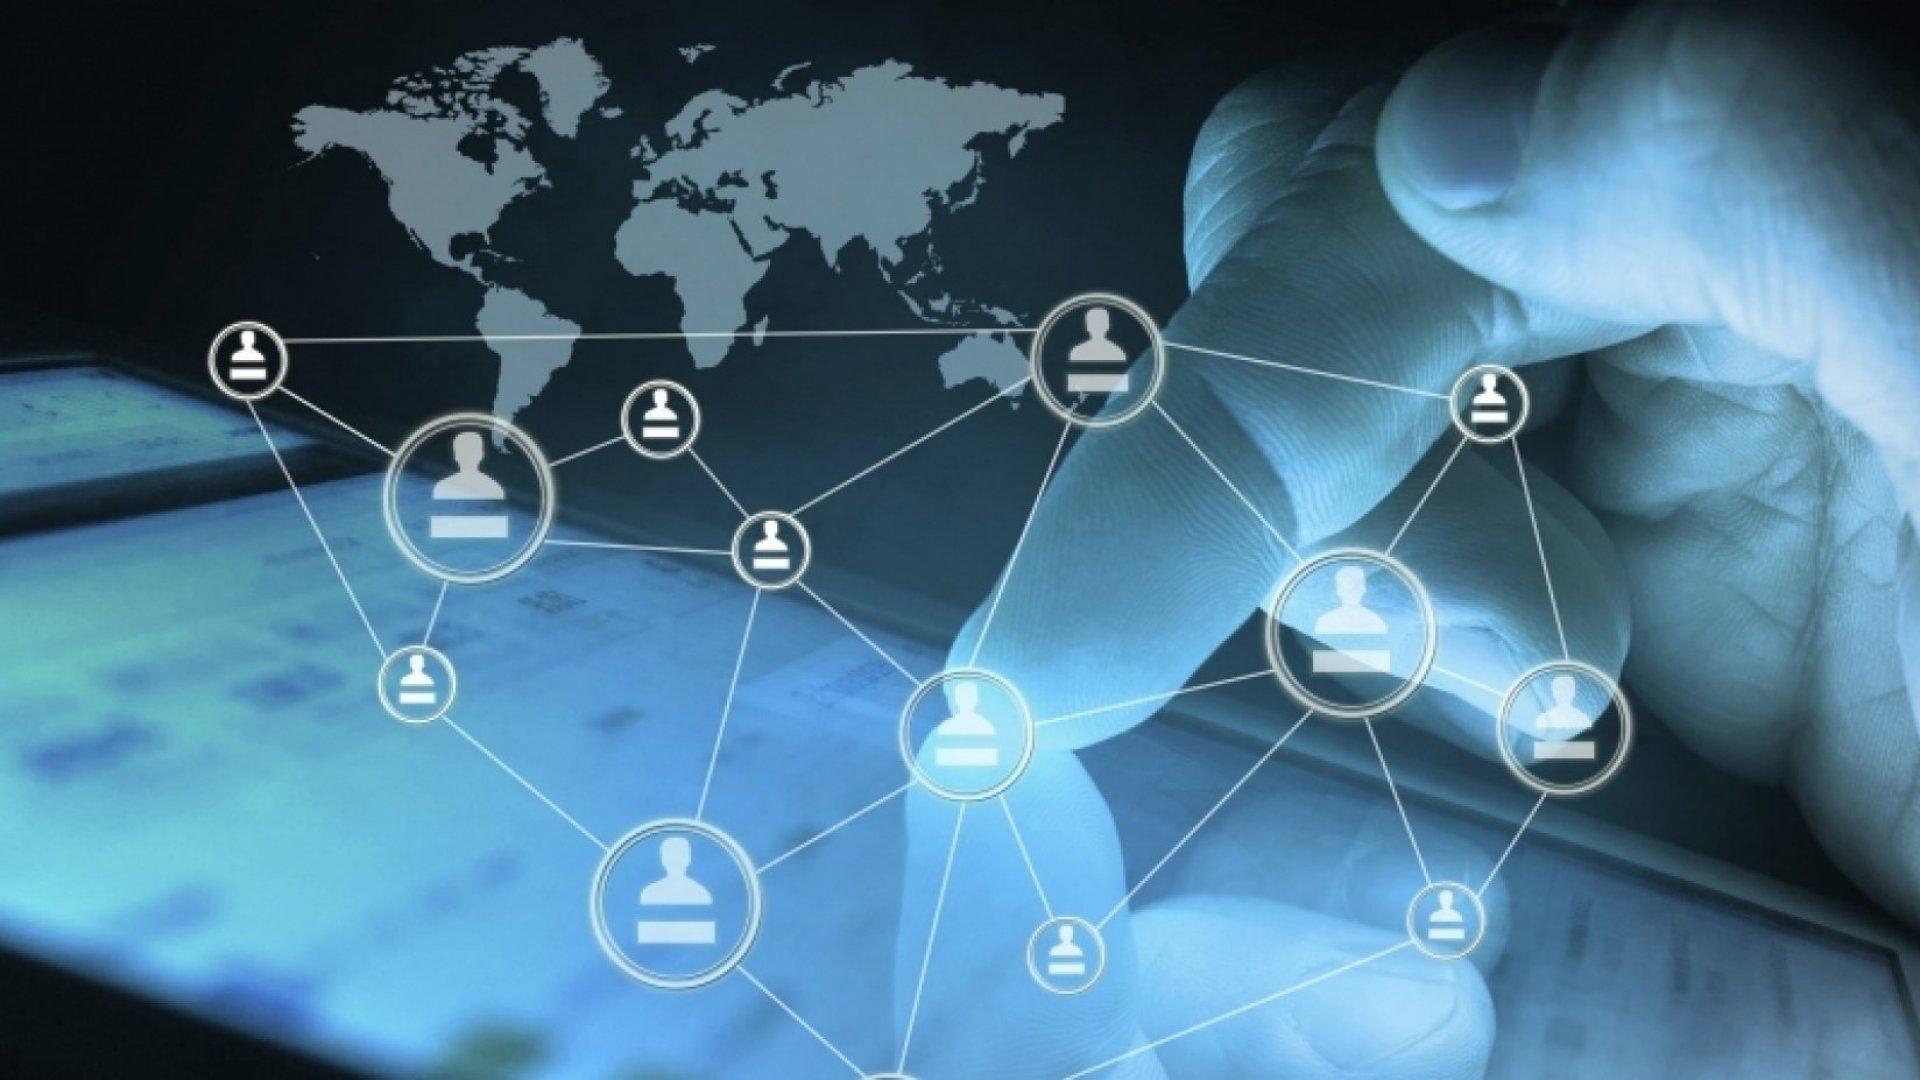 3 Ways Social Media Transformed Marketing in 2015